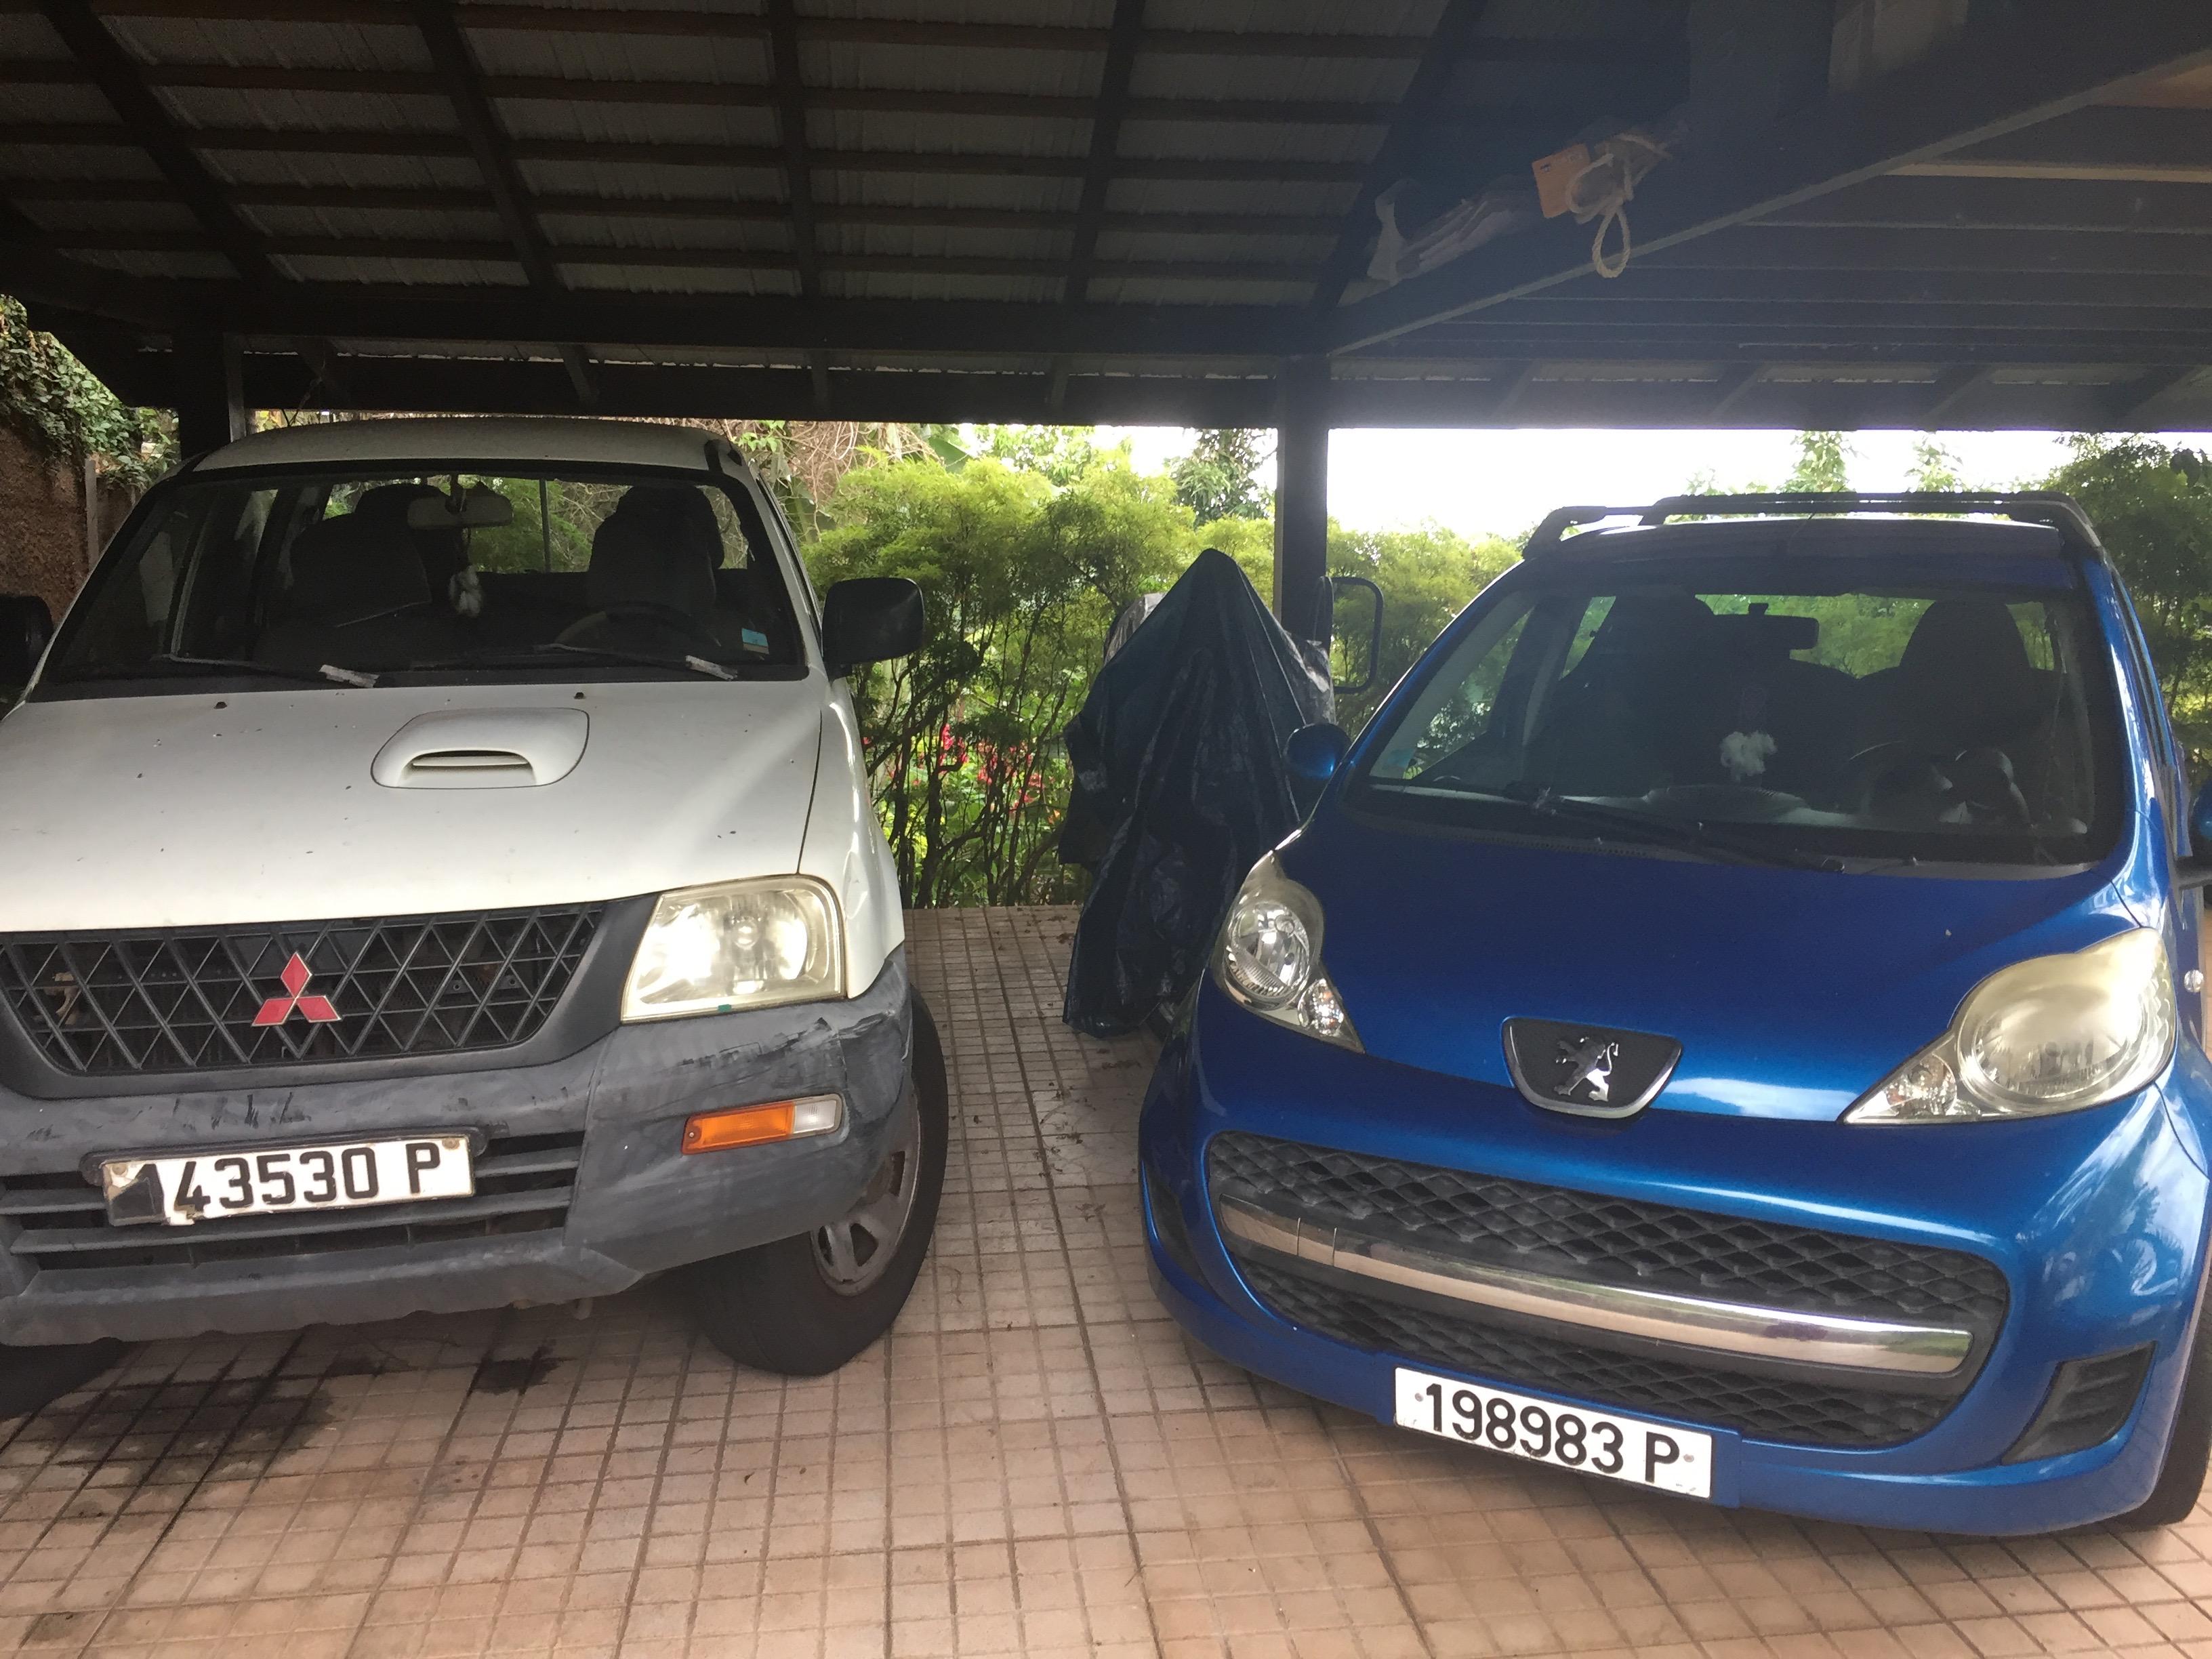 Echange deux voitures contre une seule big ce - Garage echange voiture contre voiture ...